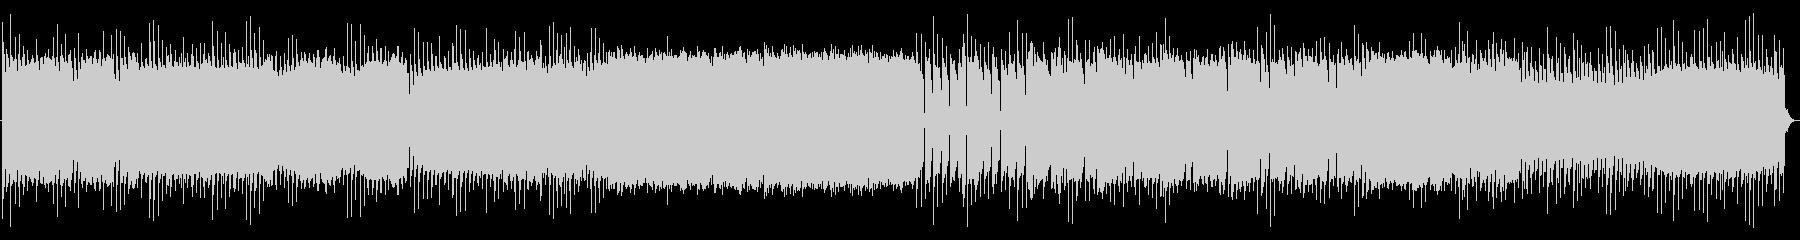 サイバーイメージのBGMの未再生の波形